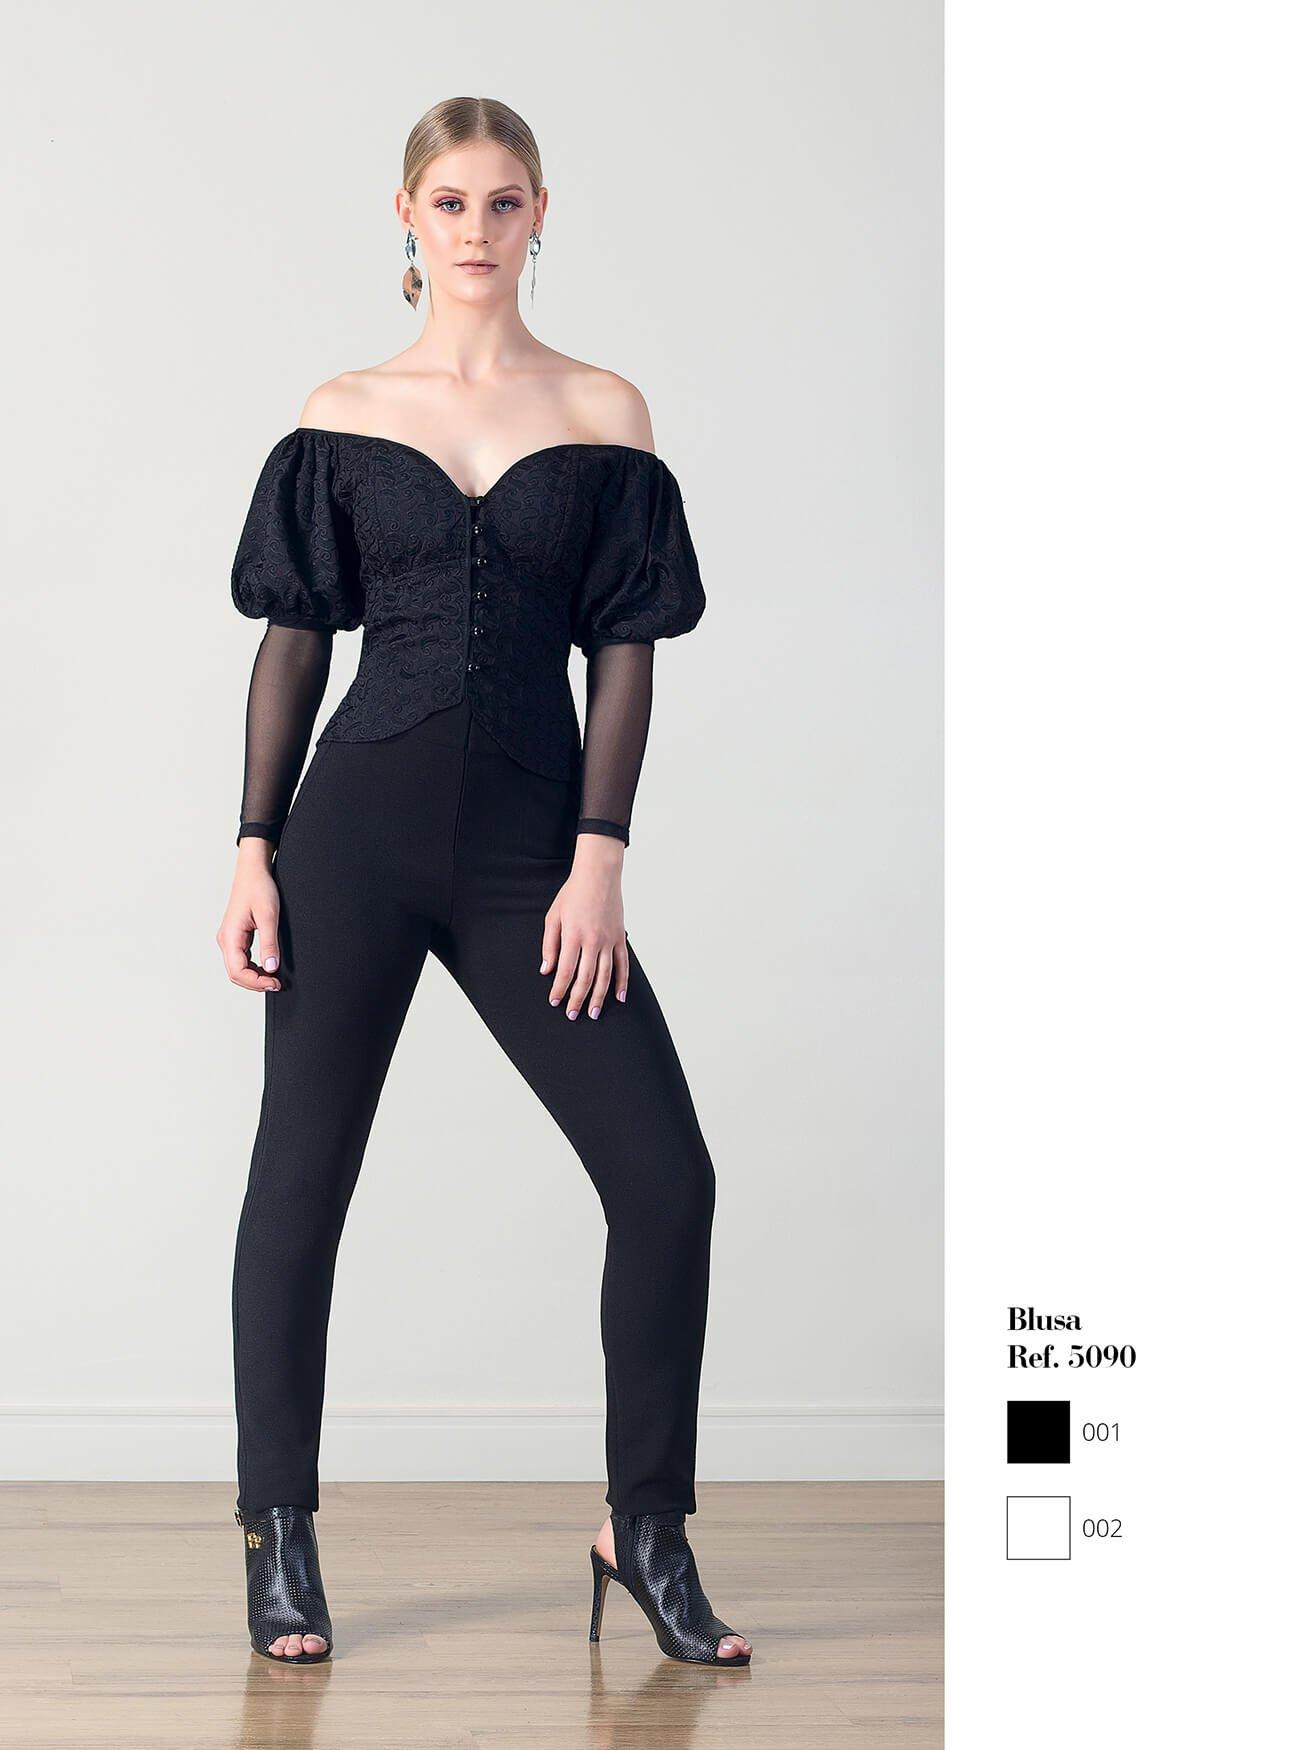 Blusa estilo vitoriano